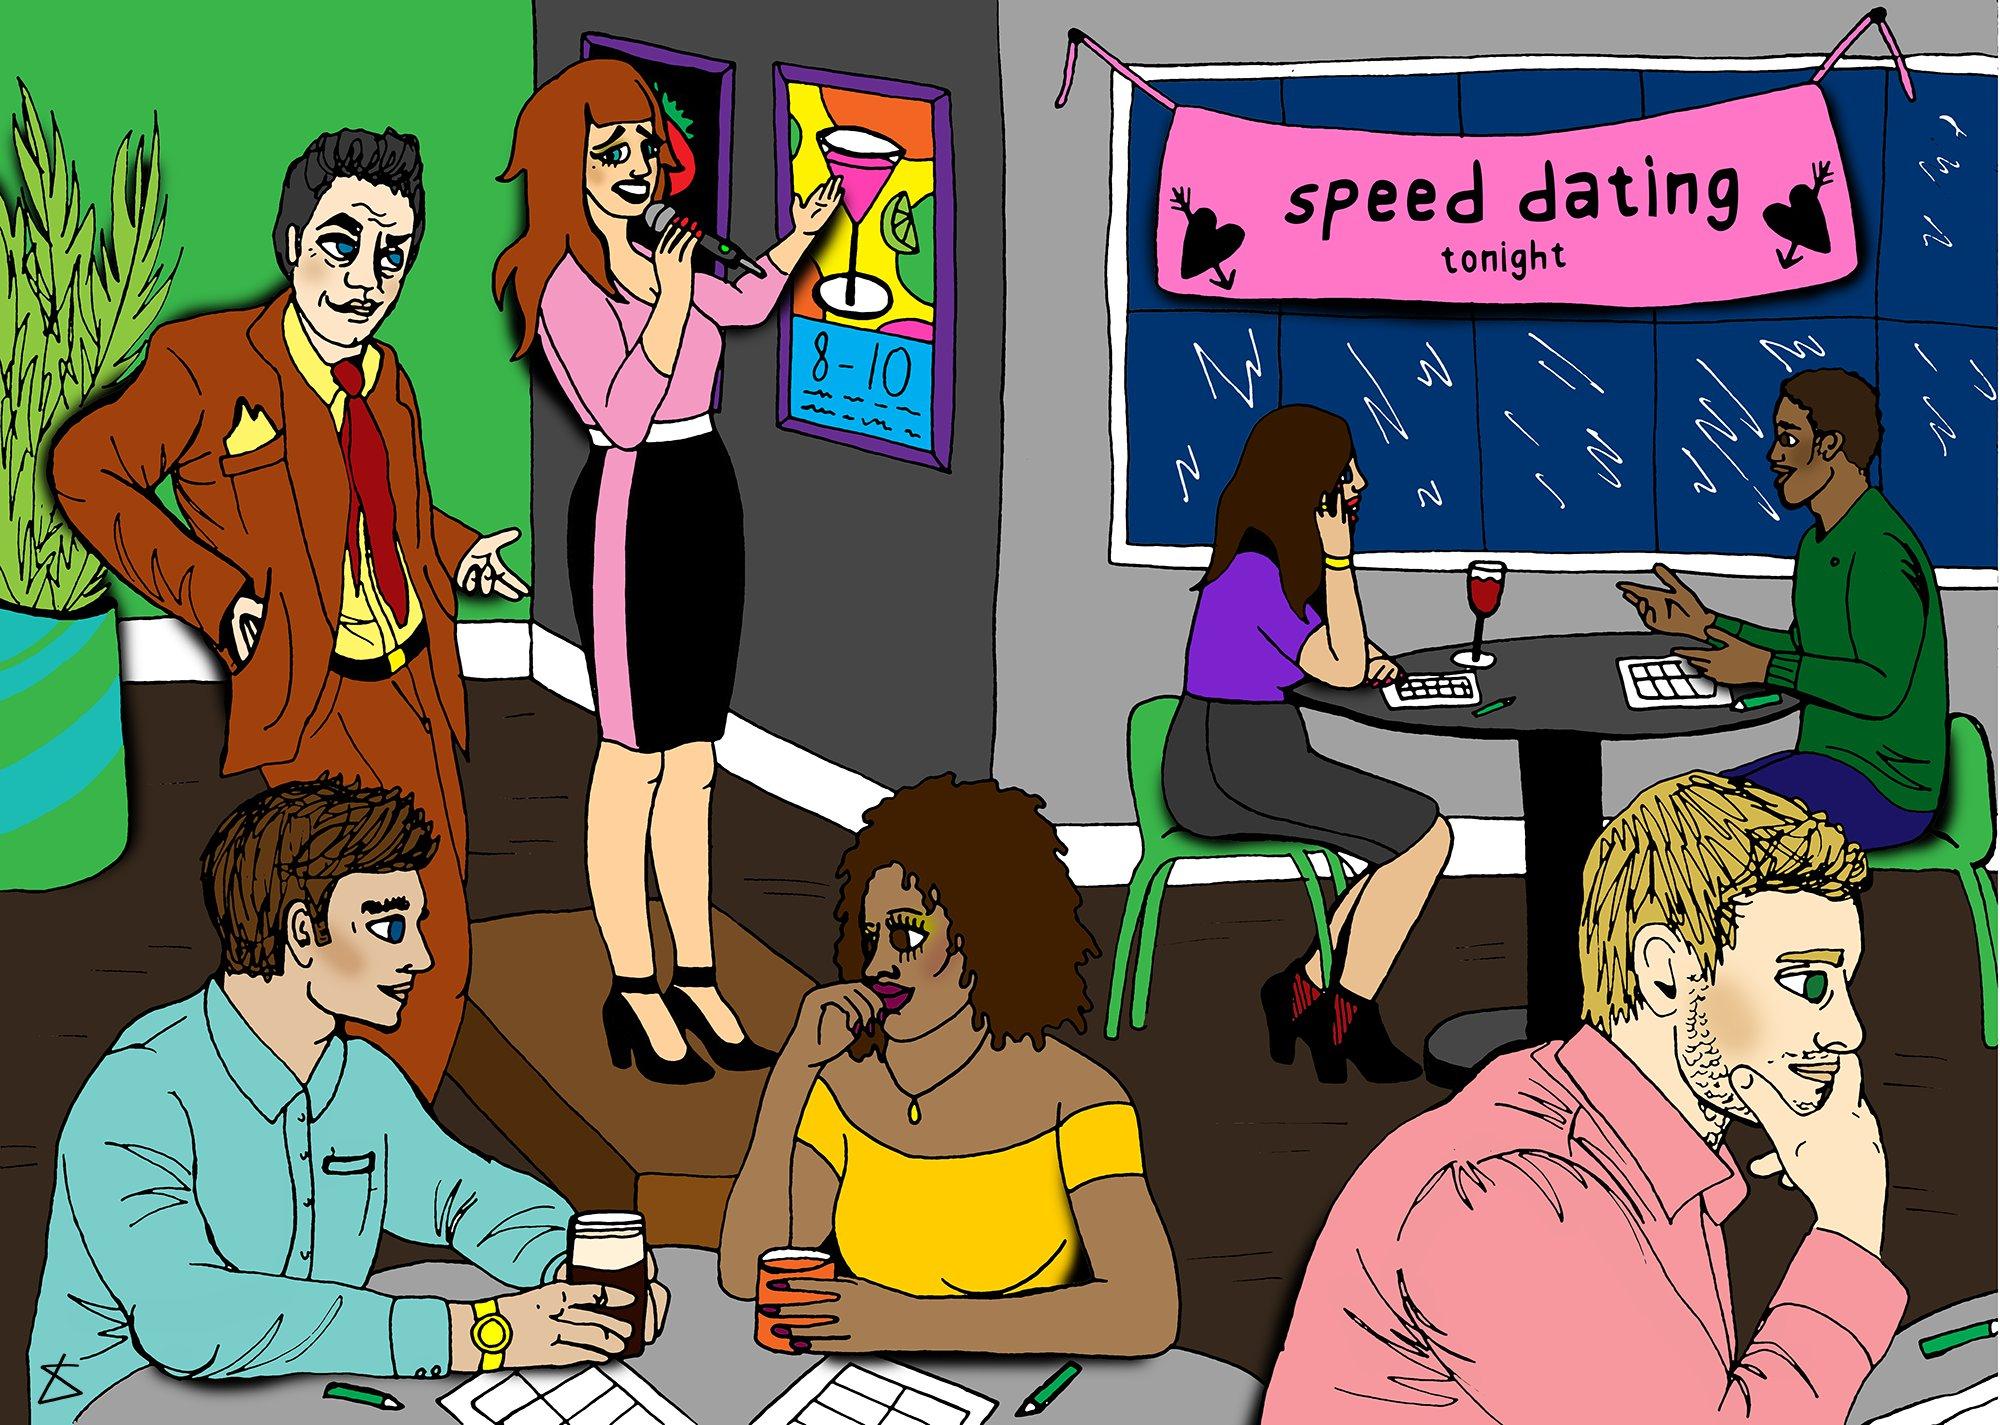 visoke kvalitete dating web mjesta